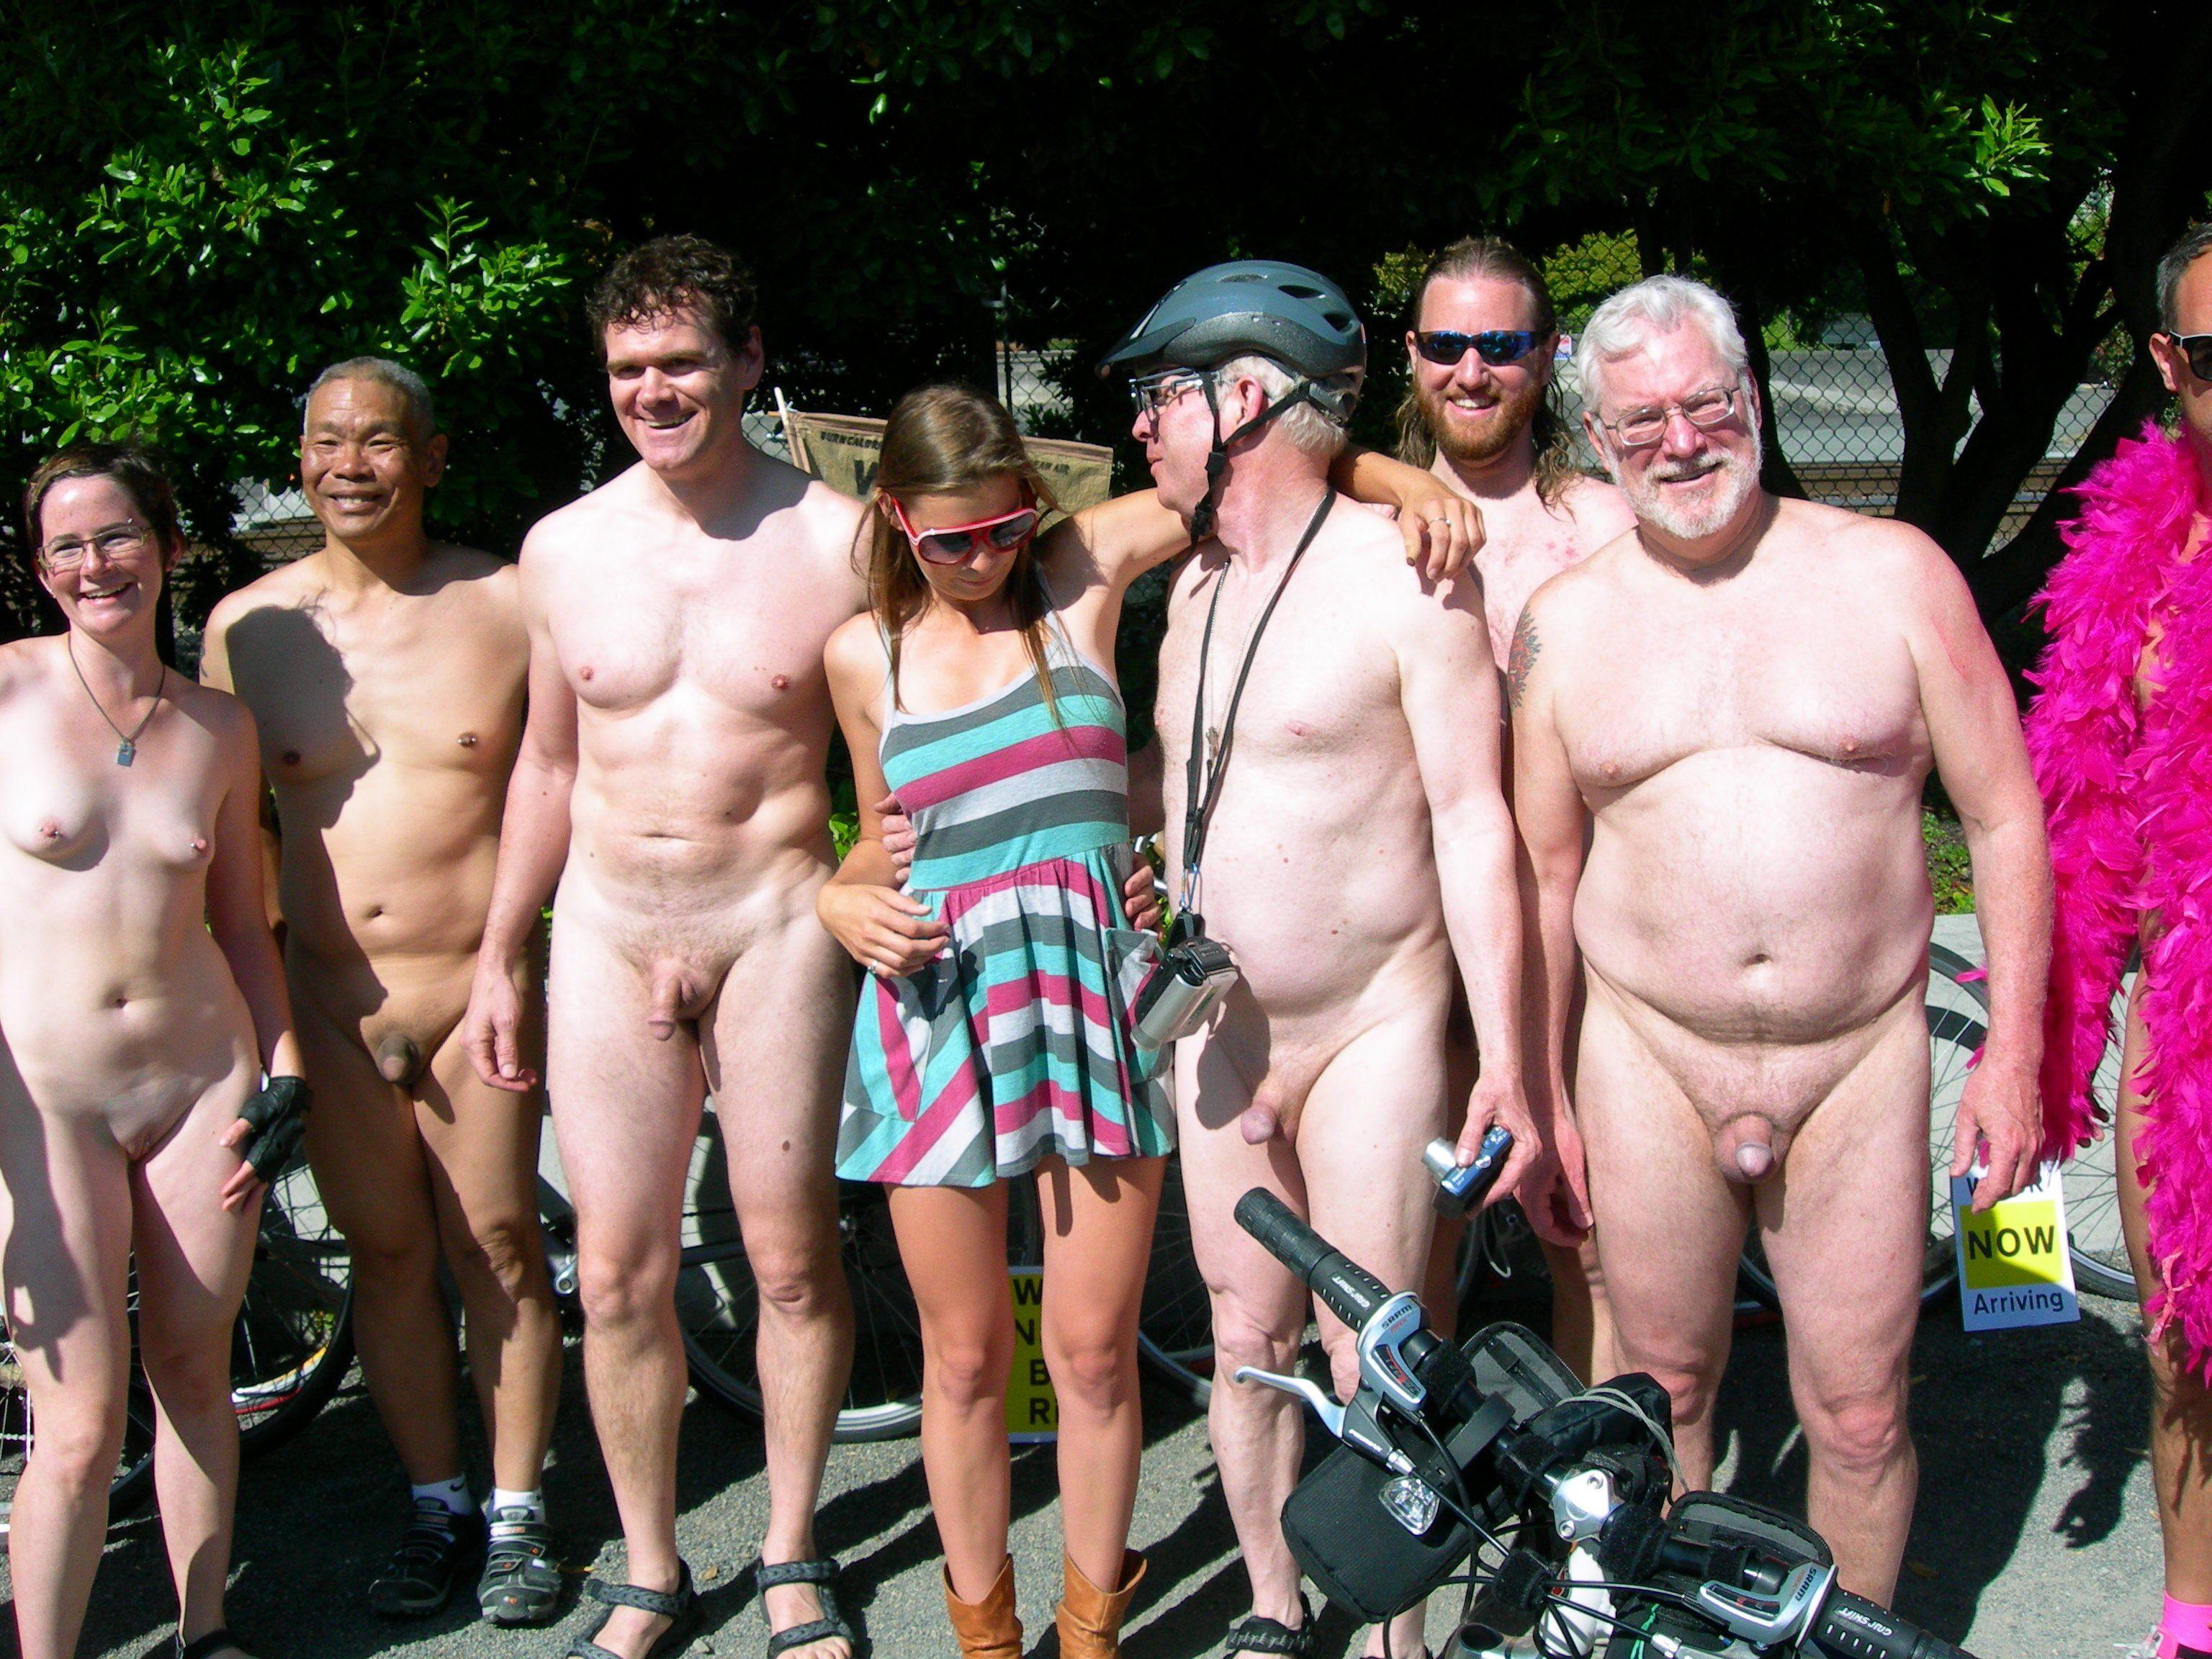 best of Pics cfnm Free nudist